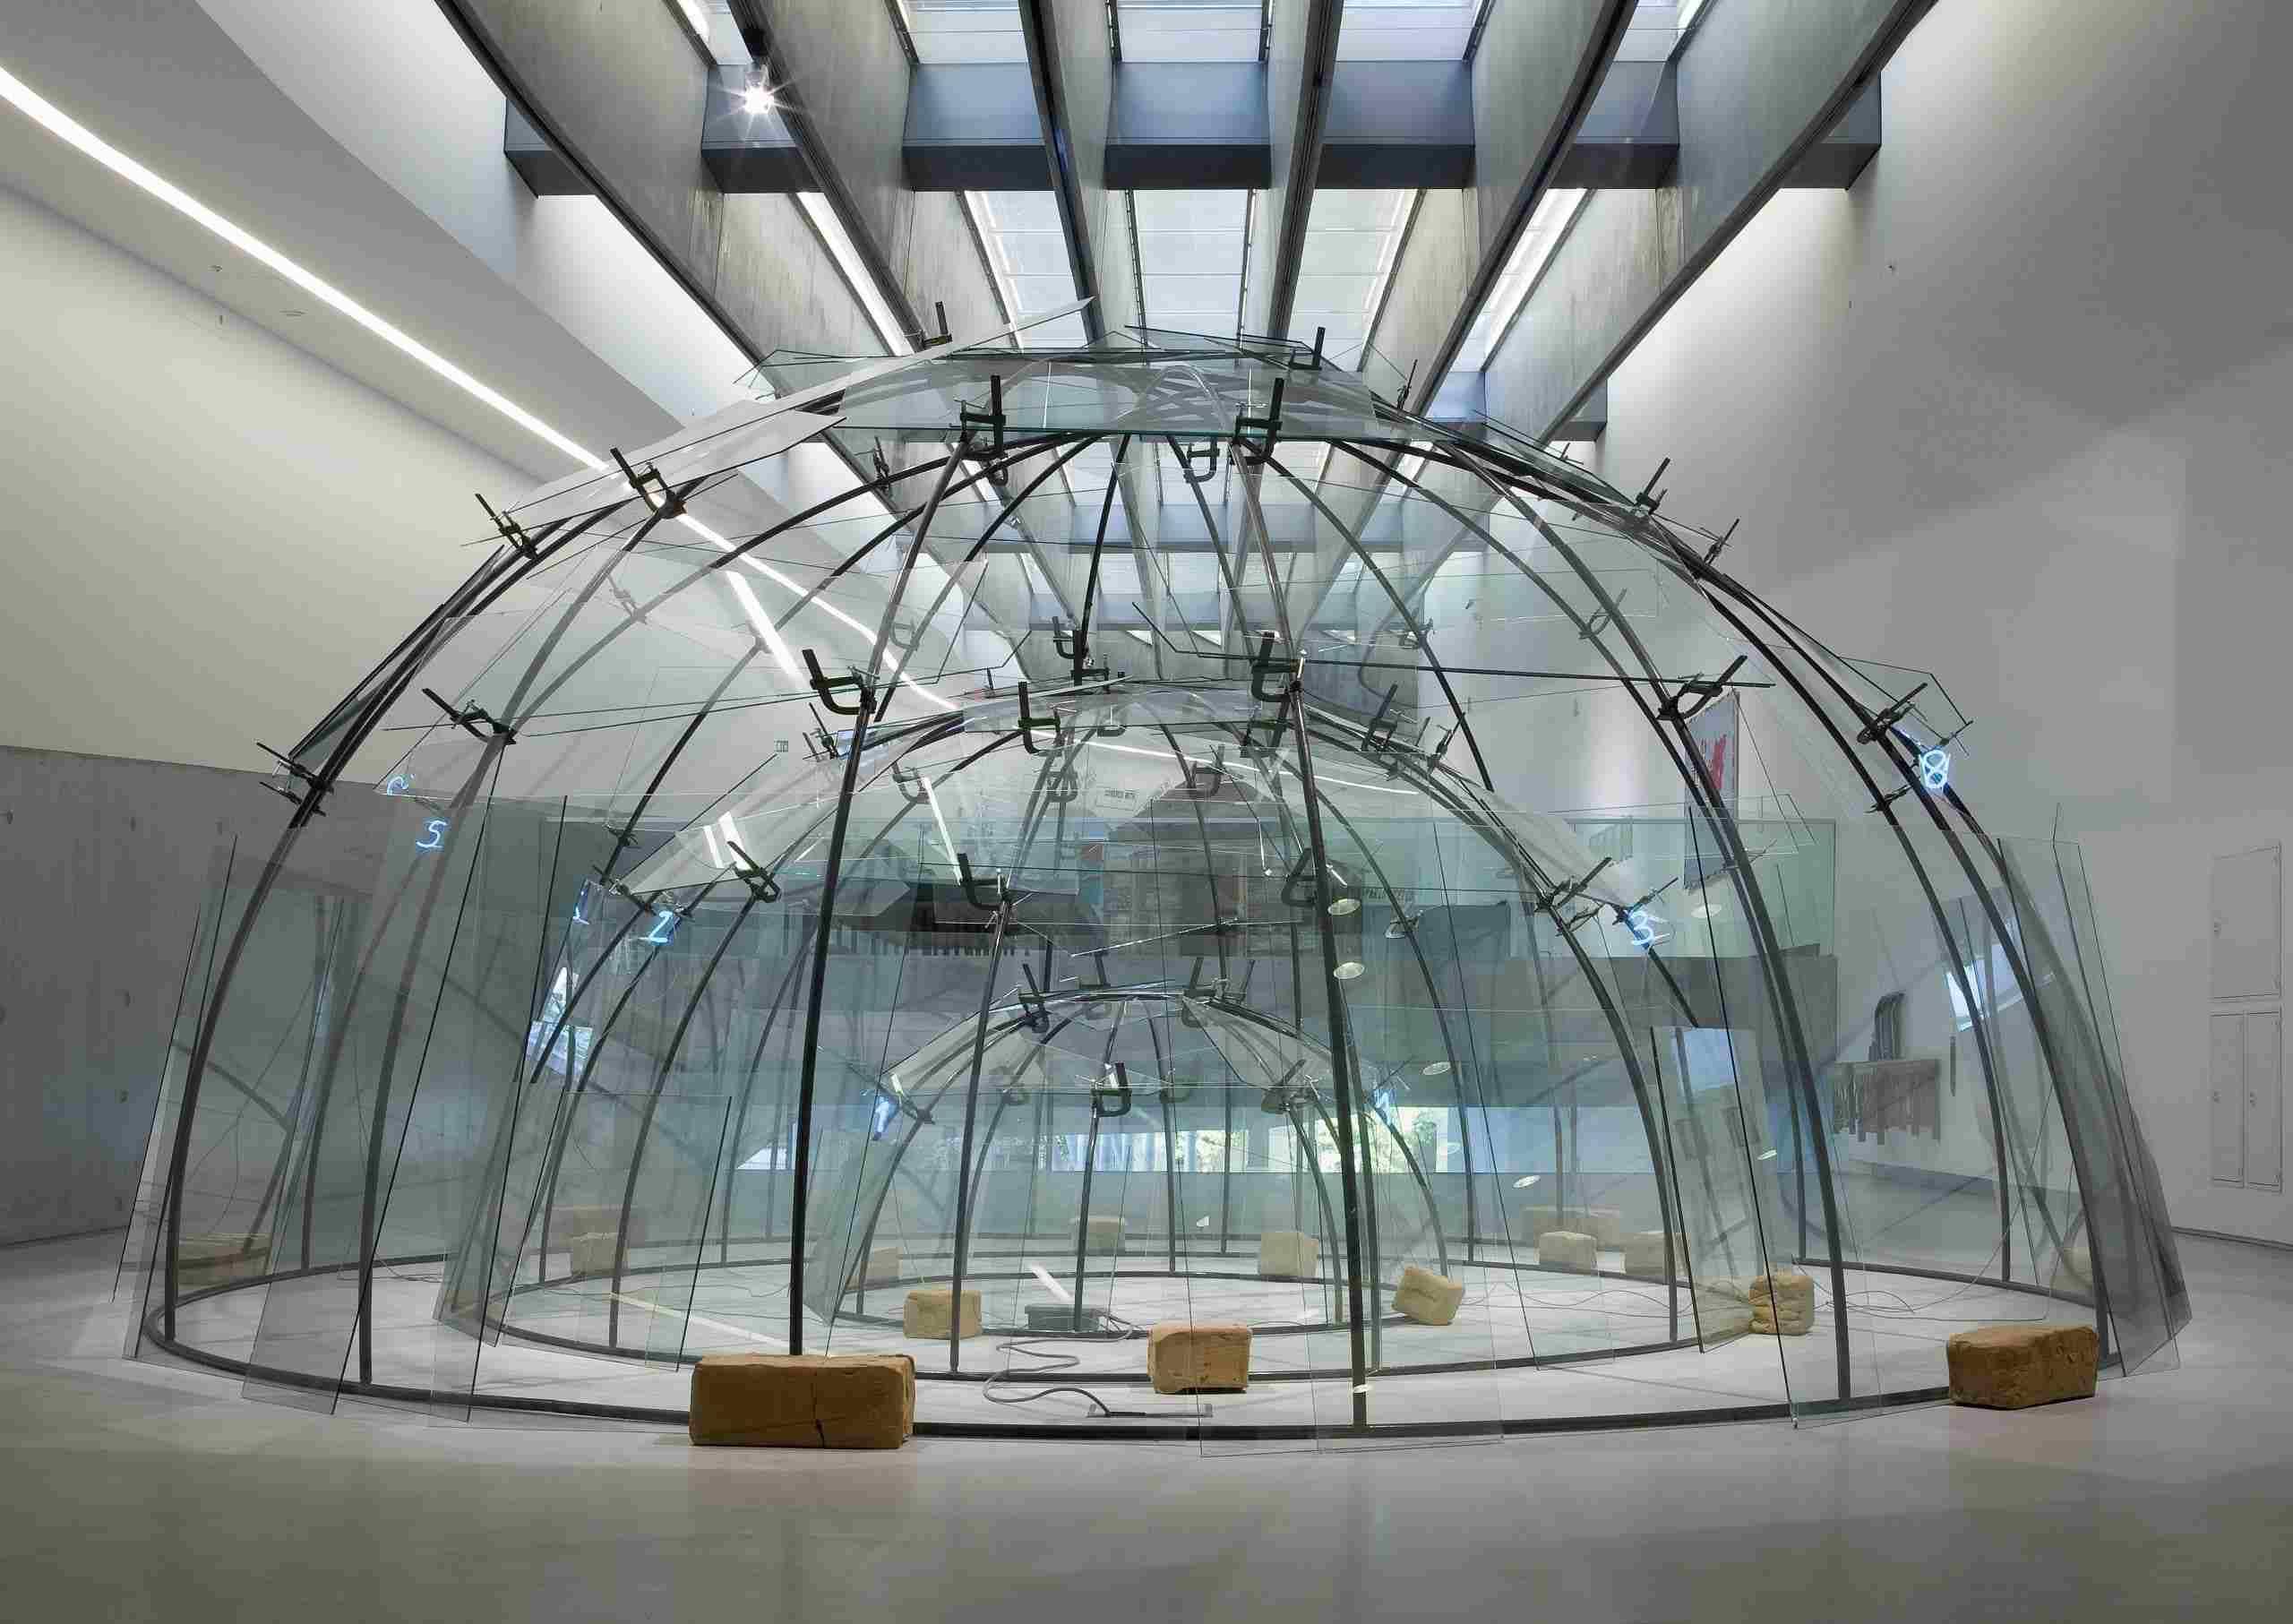 Senza titolo (Triplo igloo), 1 984-2002. Mario Merz. Fondazione MAXXi